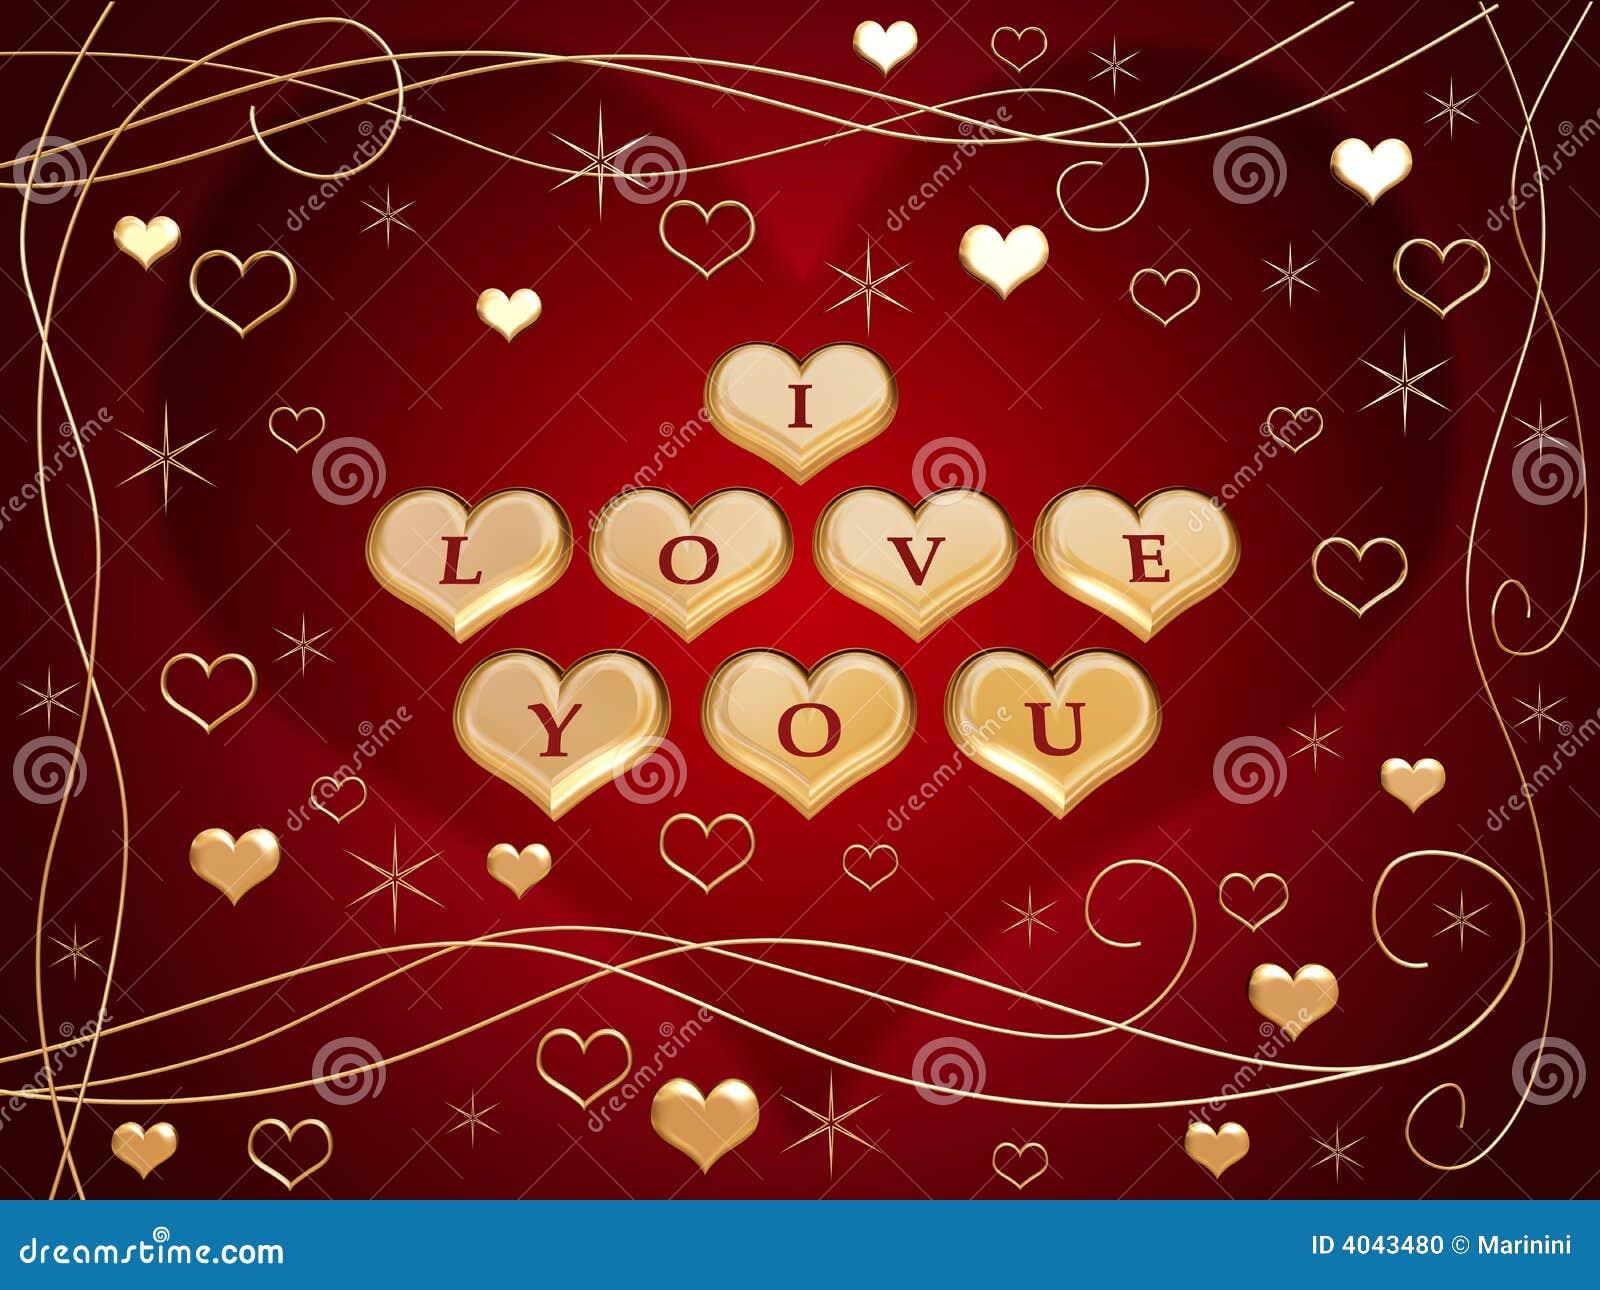 Ich liebe dich 6